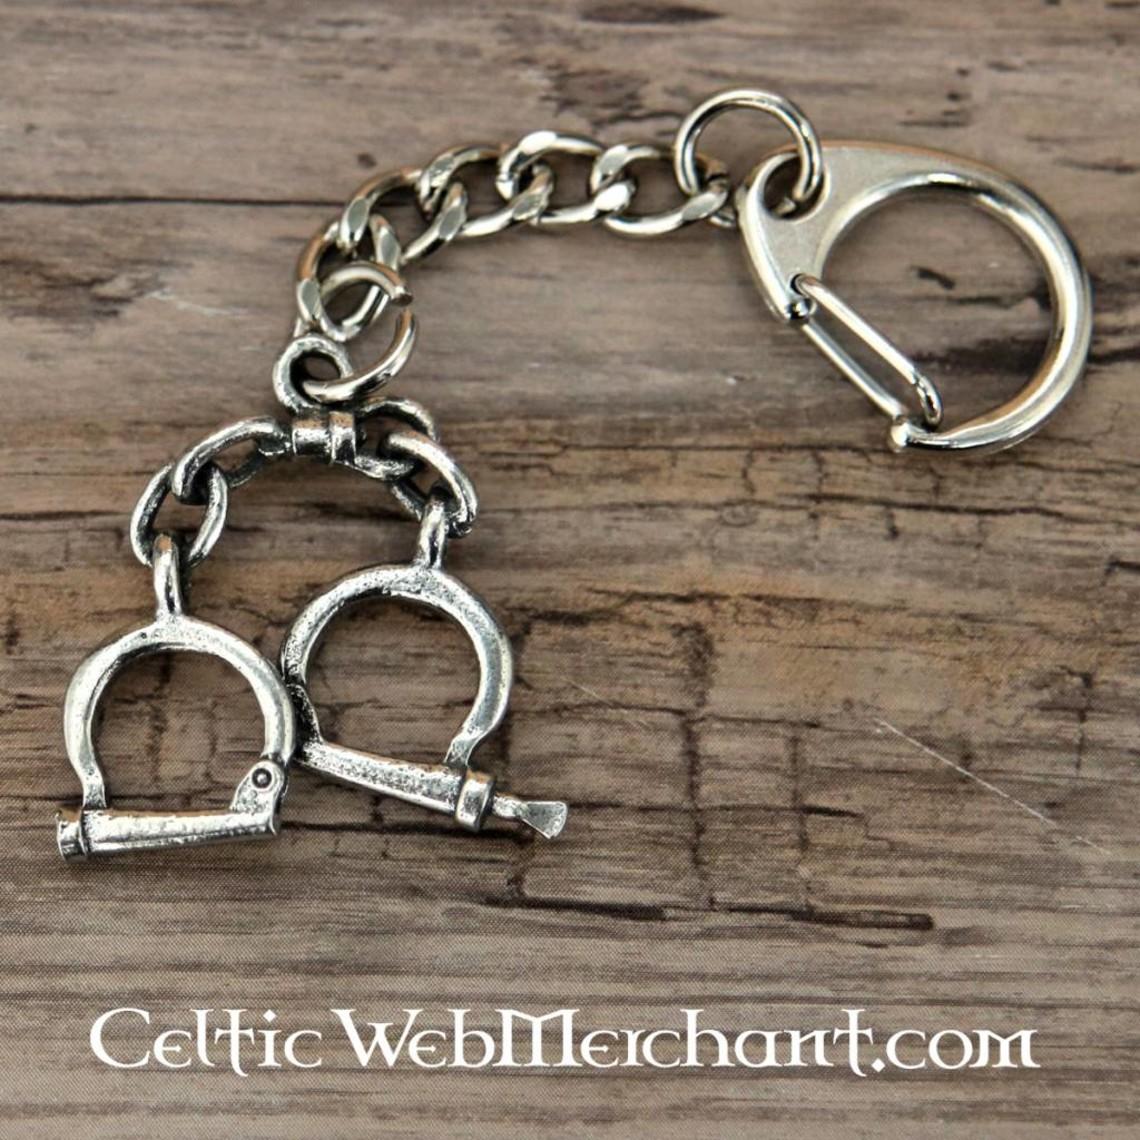 Porte-clés aux poignets